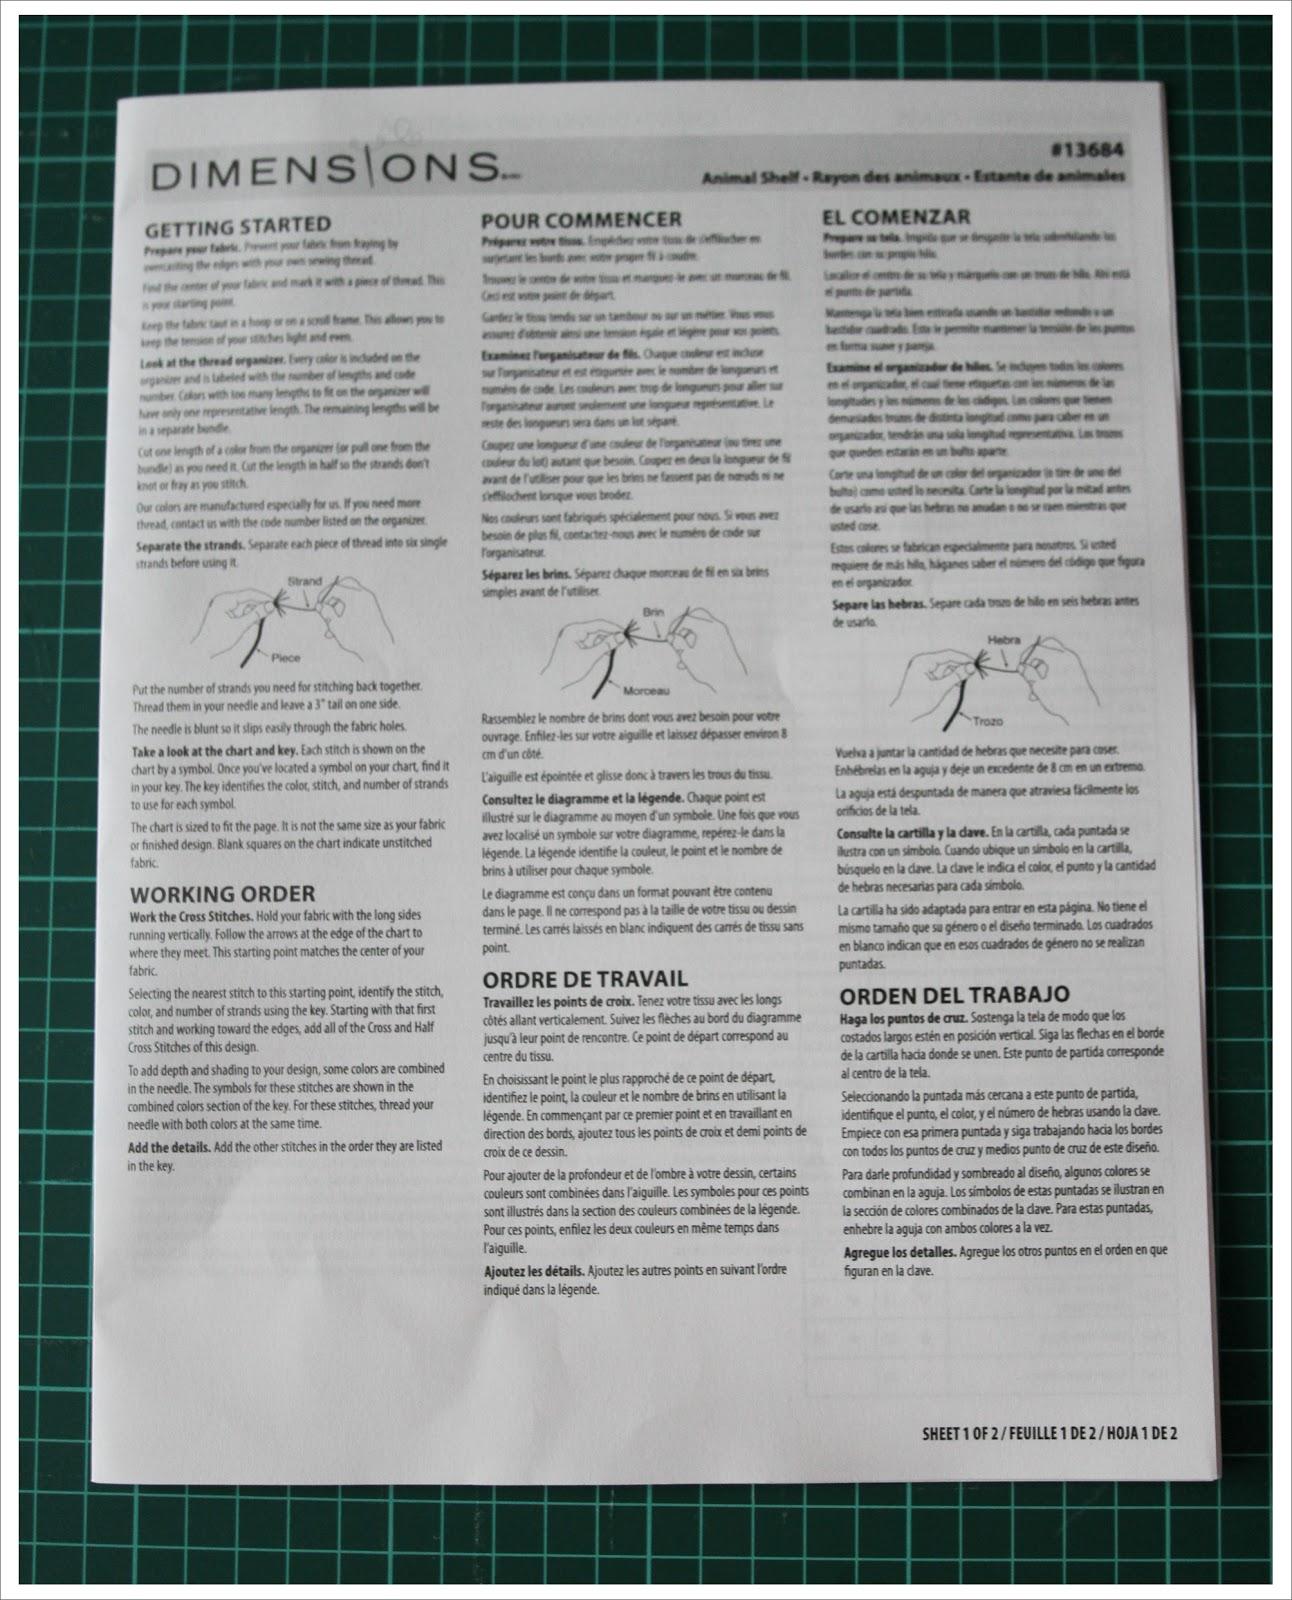 инструкция в наборе Dimensions